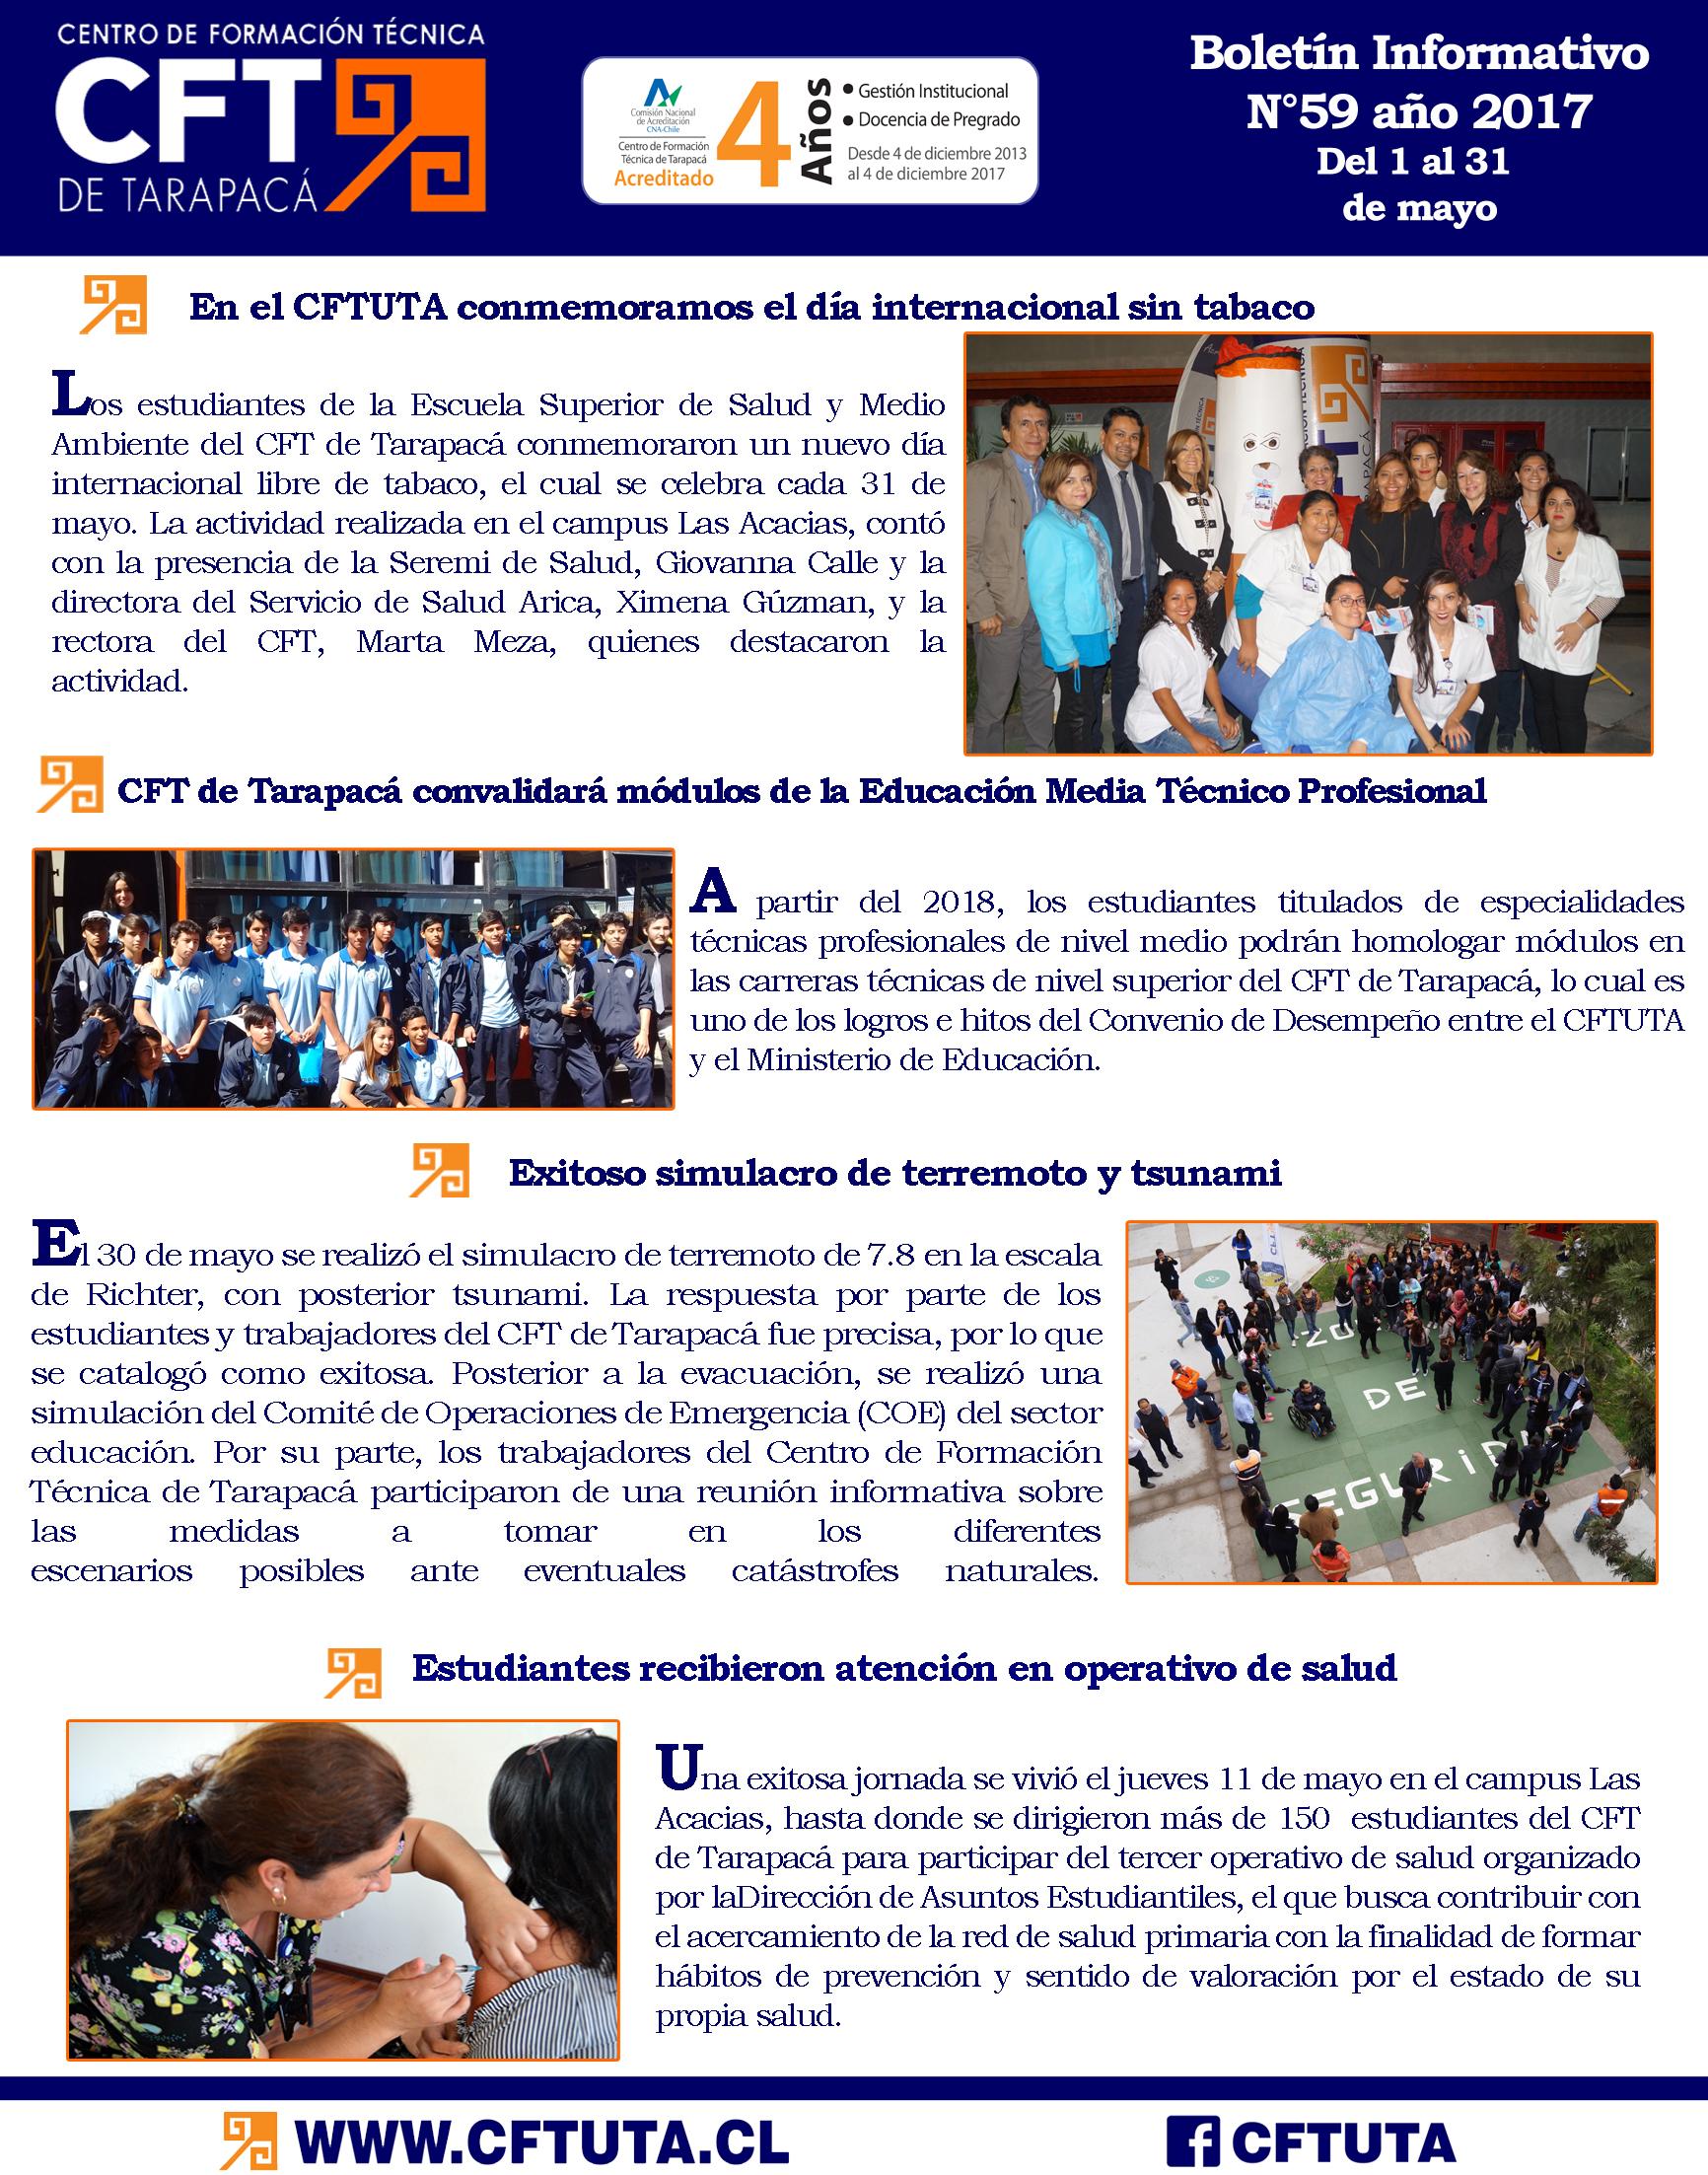 Boletín N°59 CFT de Tarapacá